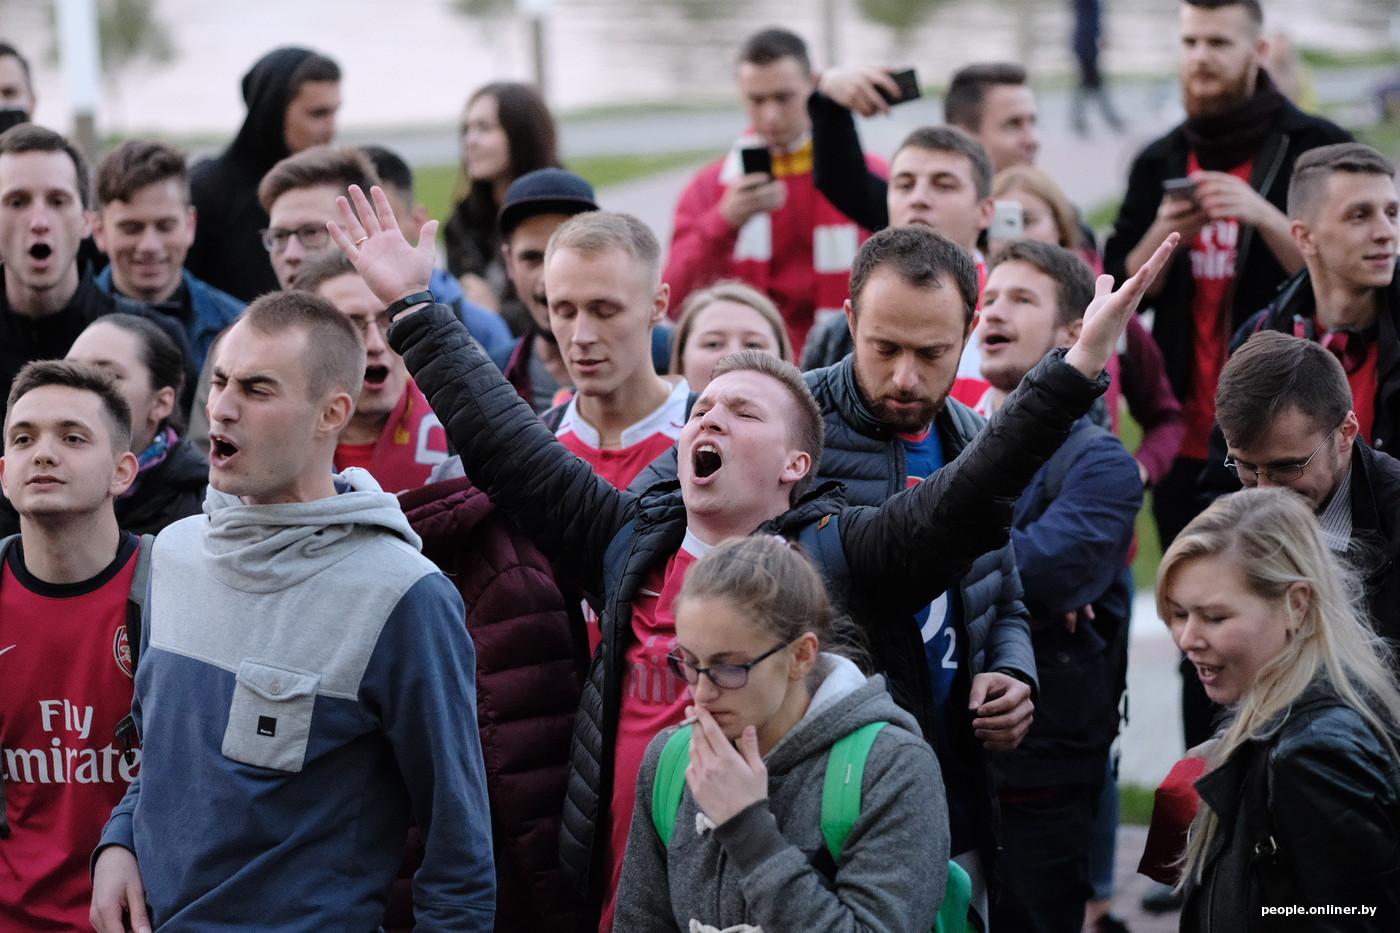 Дом фанатов лондонского арсенала в ьеларуси